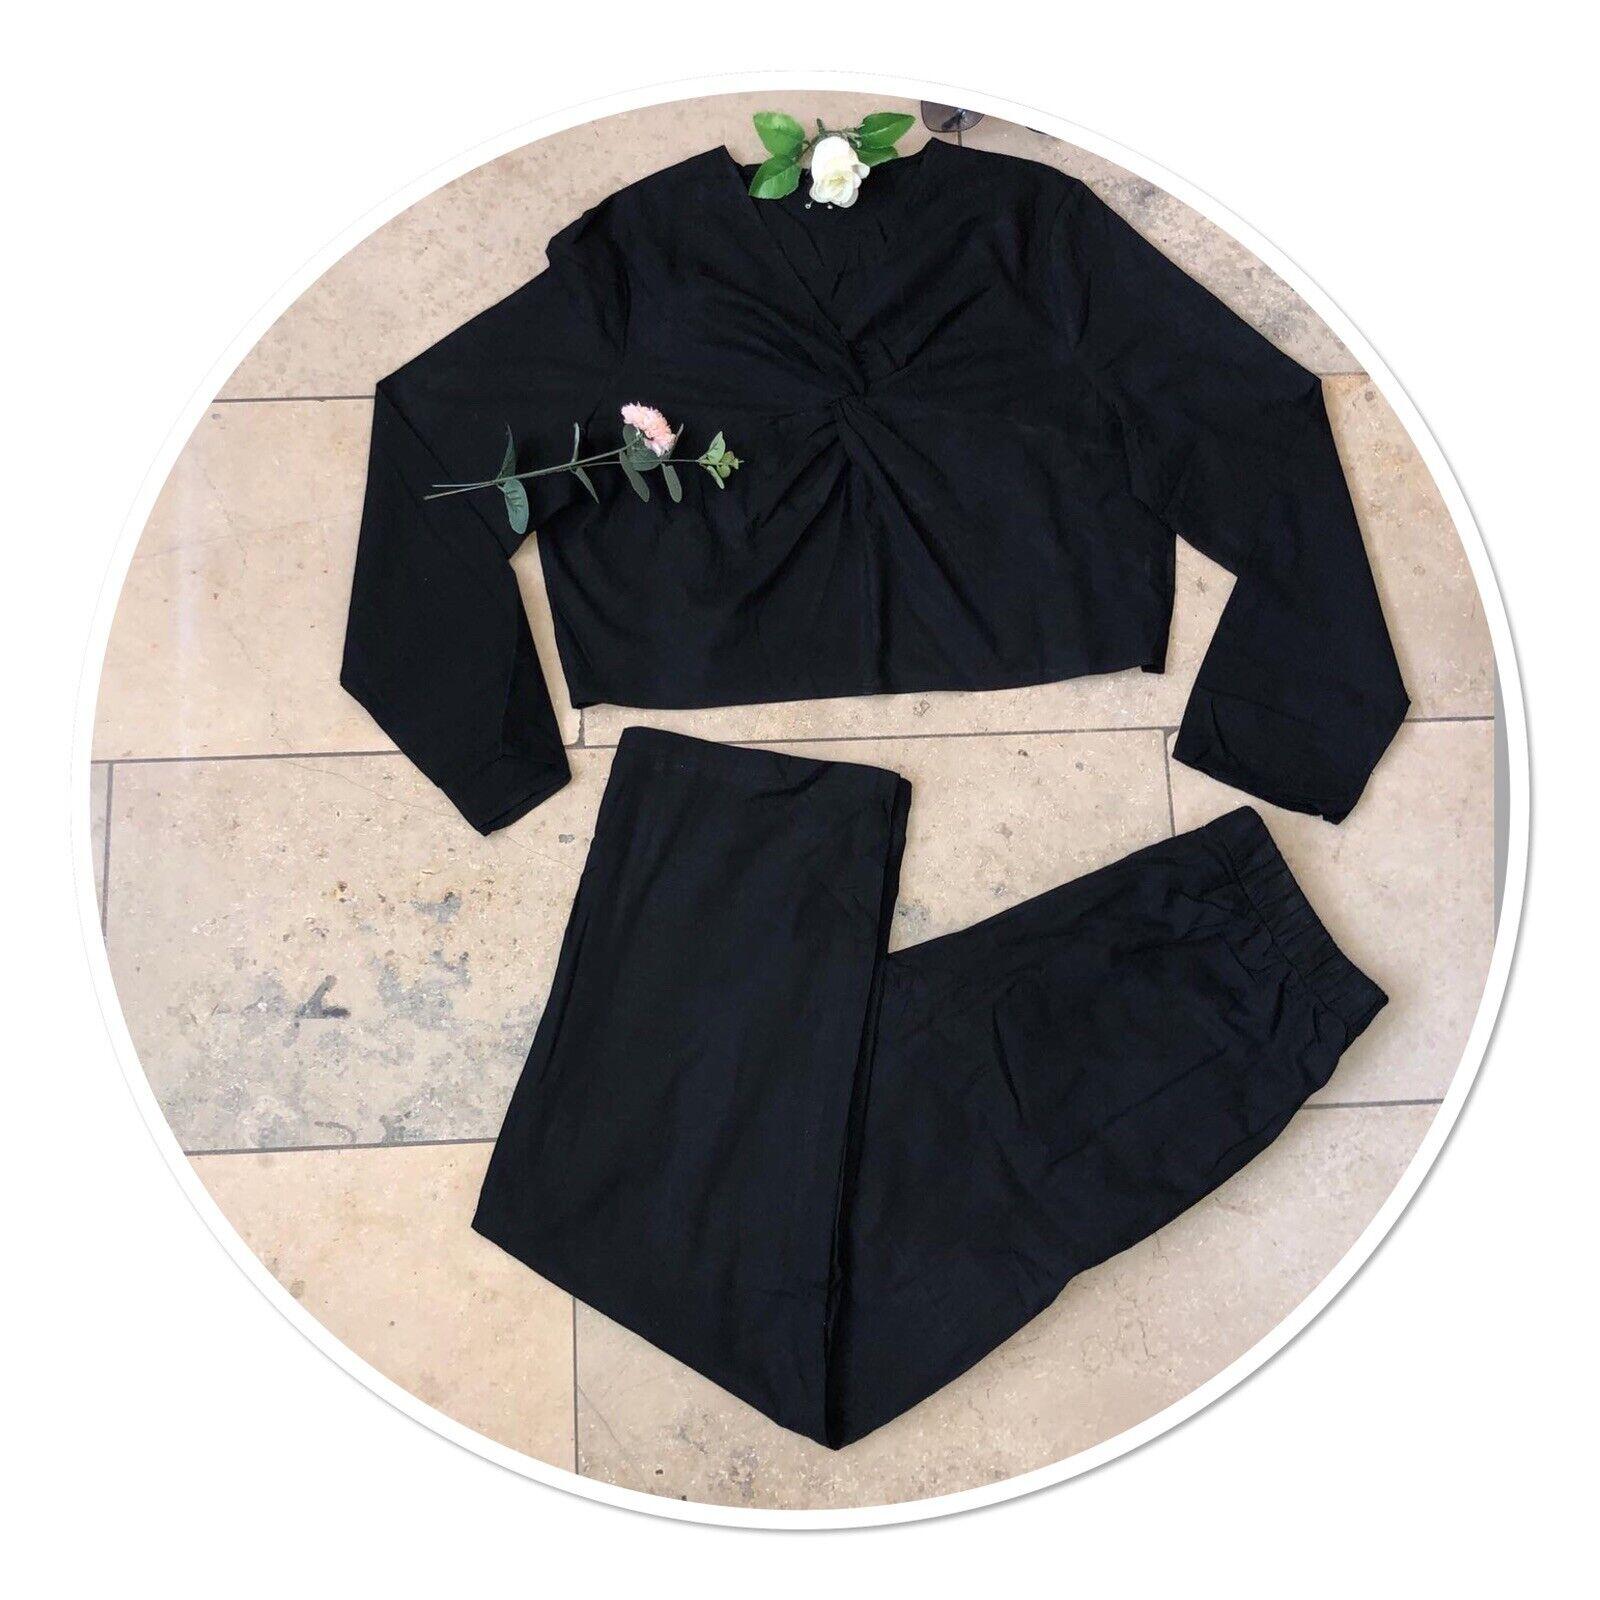 Damen Italy Fashion Set, Shirt mit knoten vorne + Hose, Gr. XL, Schwarz Neu